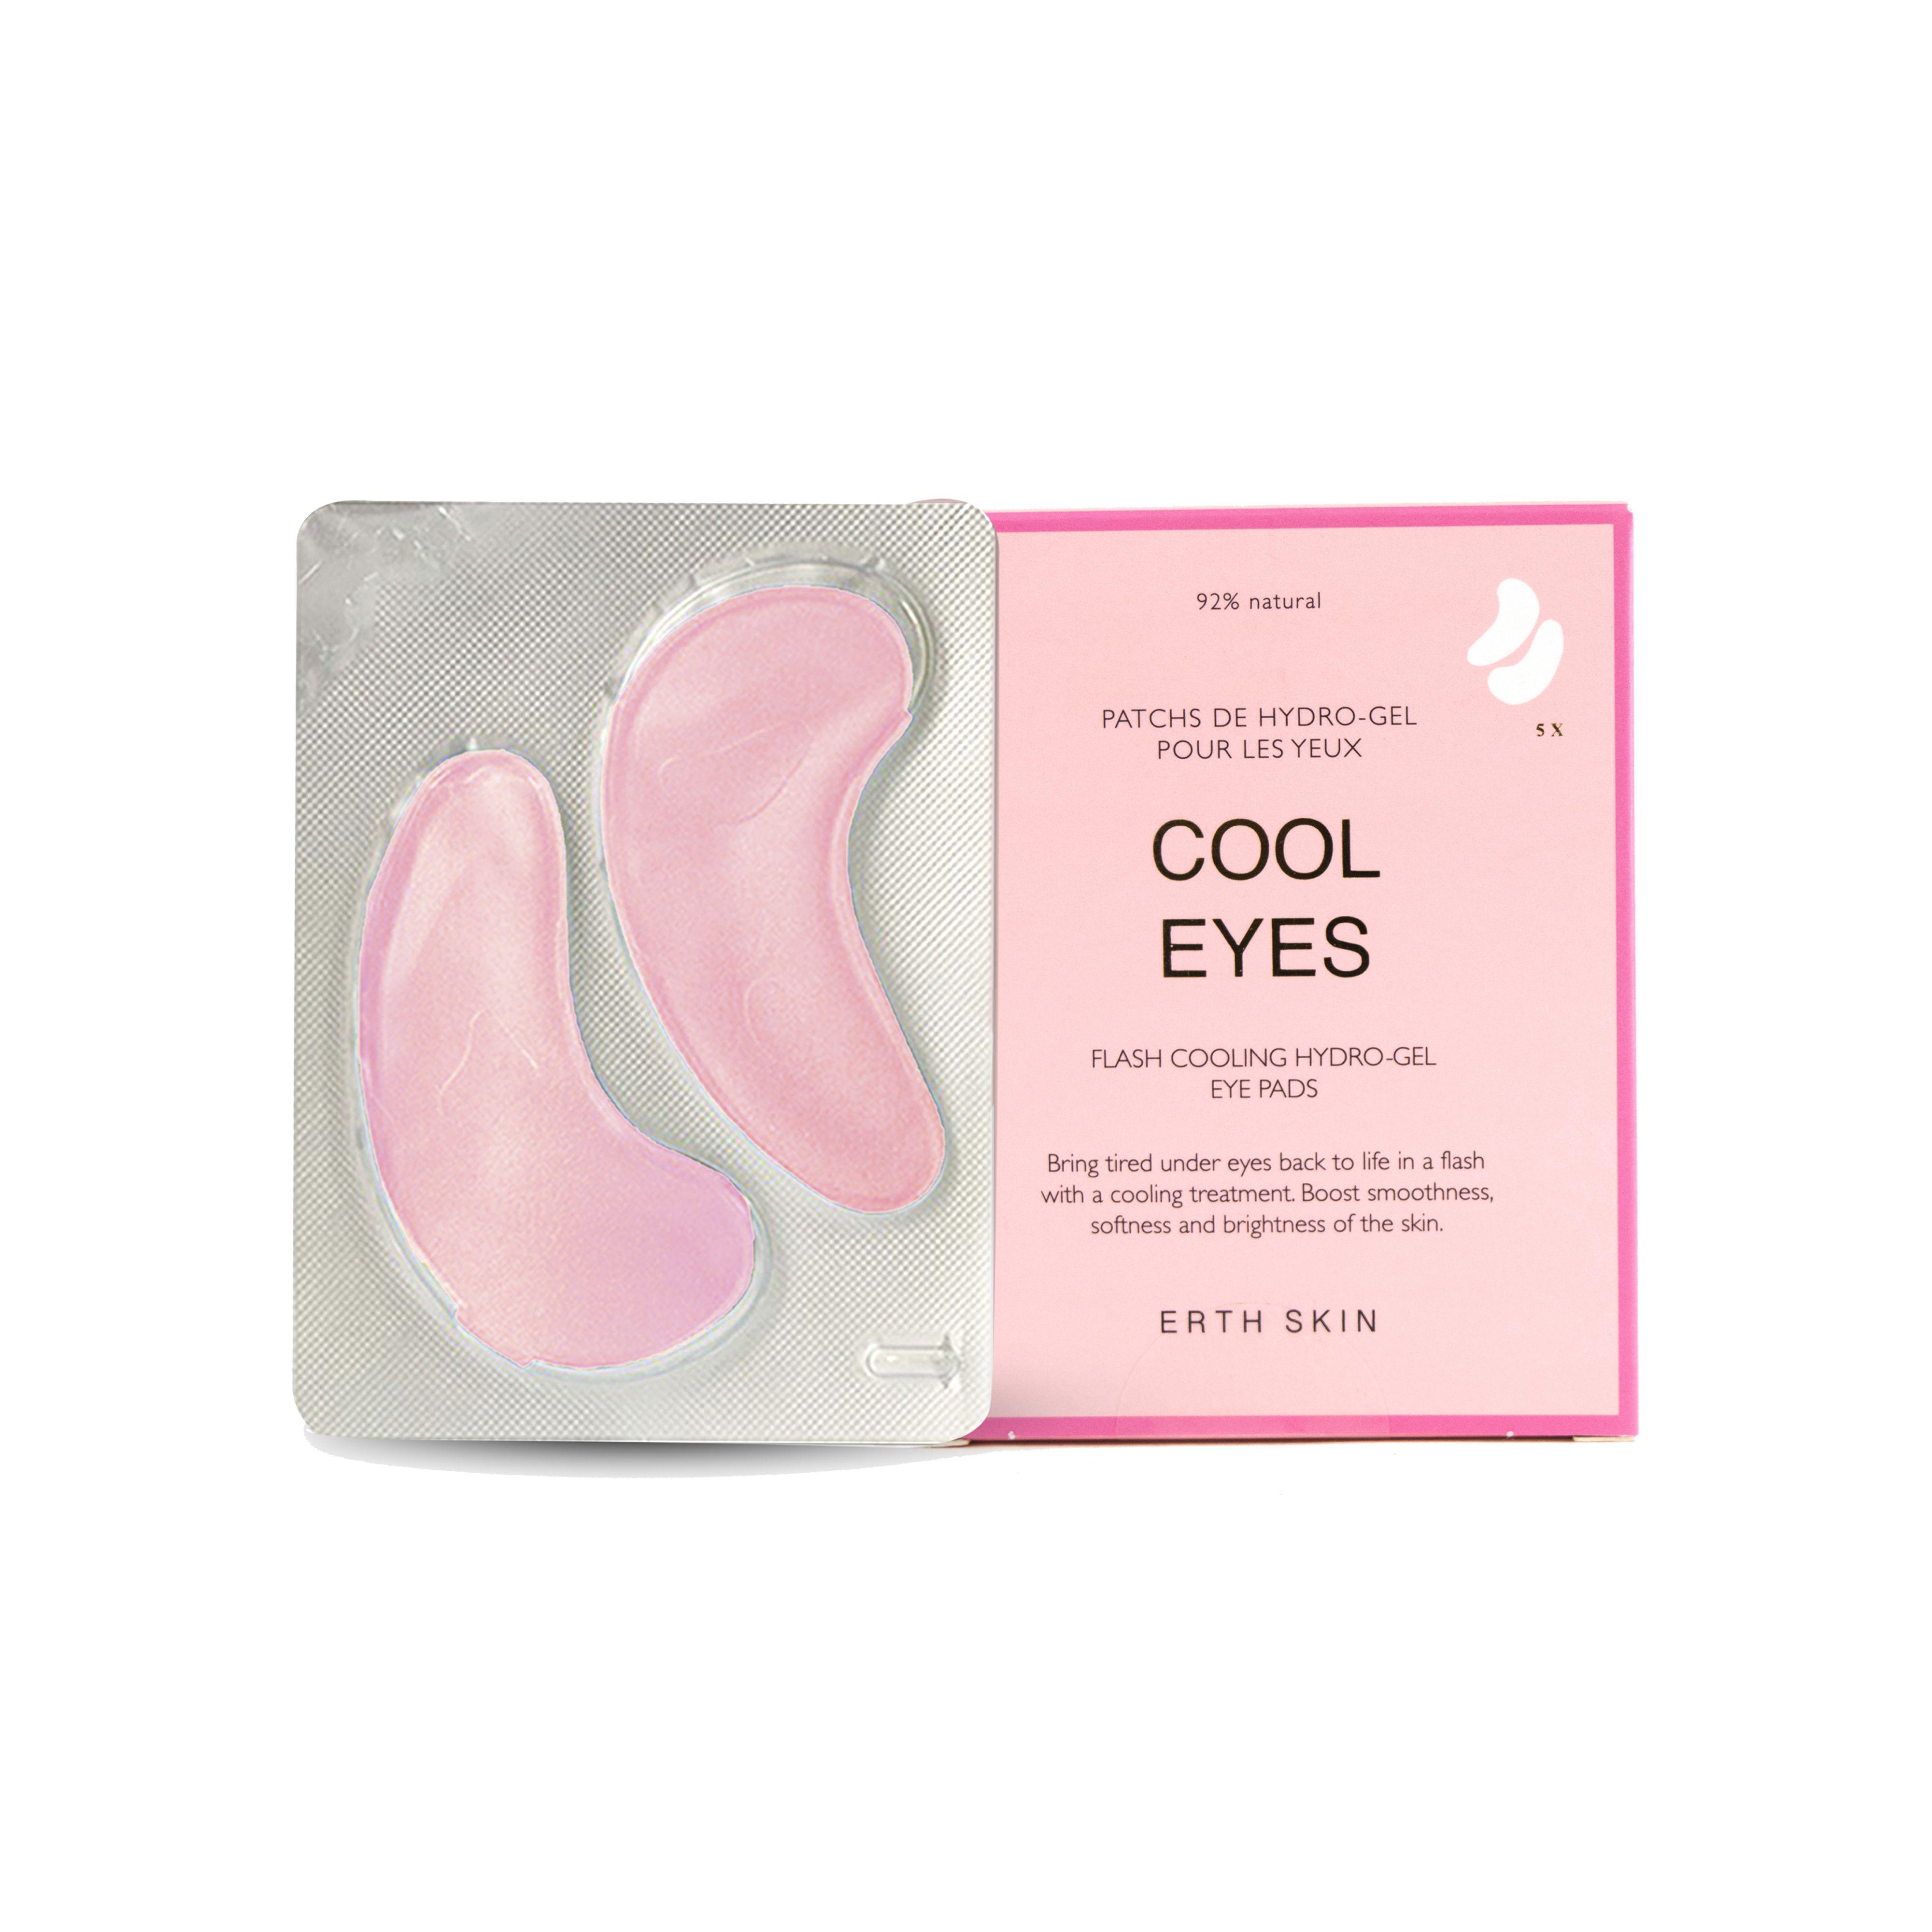 CCOL EYE - eye pads